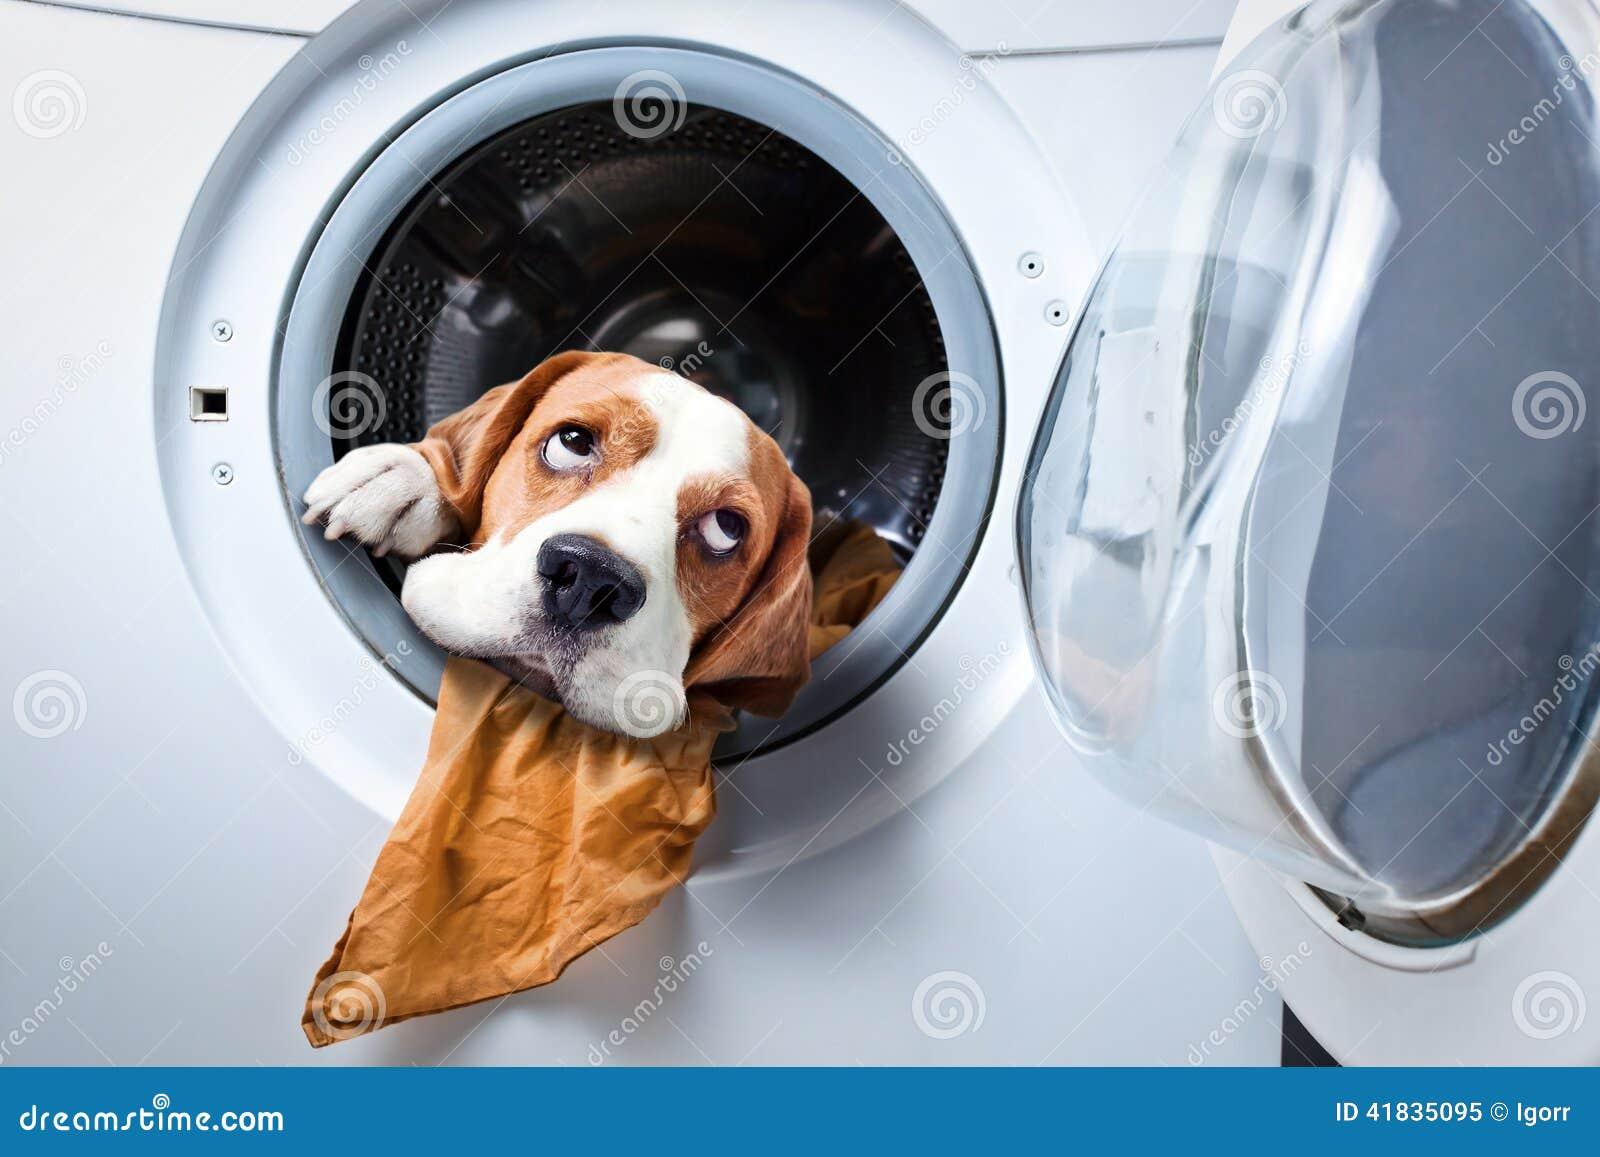 Cane dopo avere lavato fotografia stock immagine 41835095 - Bagno cane dopo antipulci ...